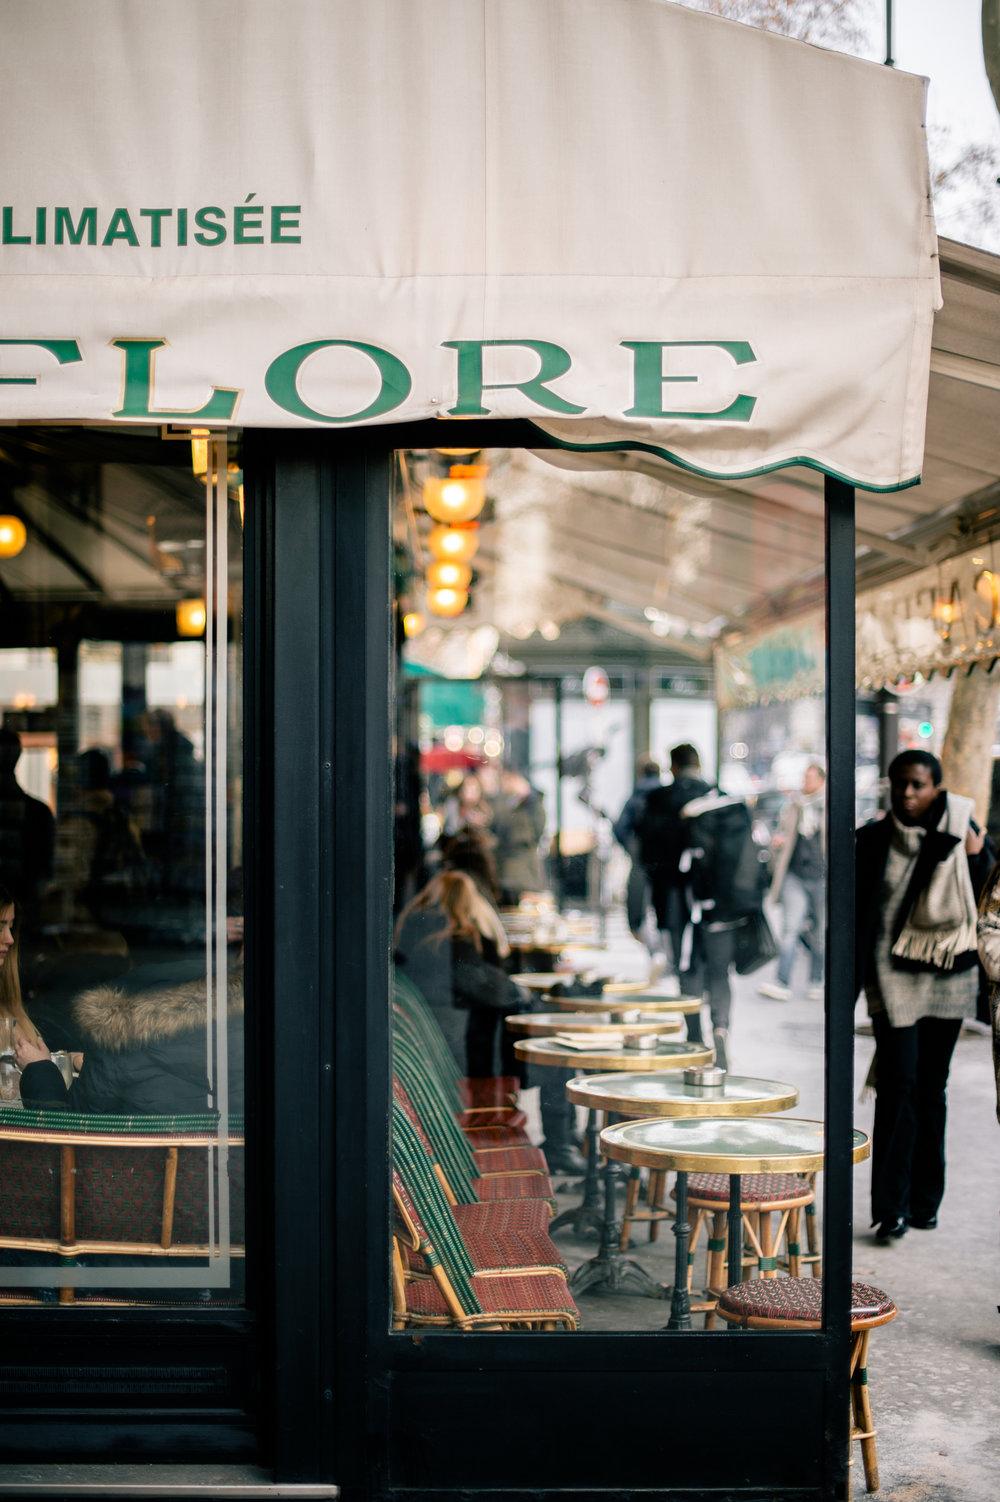 elisabeth-jones-hennessy-cafe-de-flore-paris-st-germain